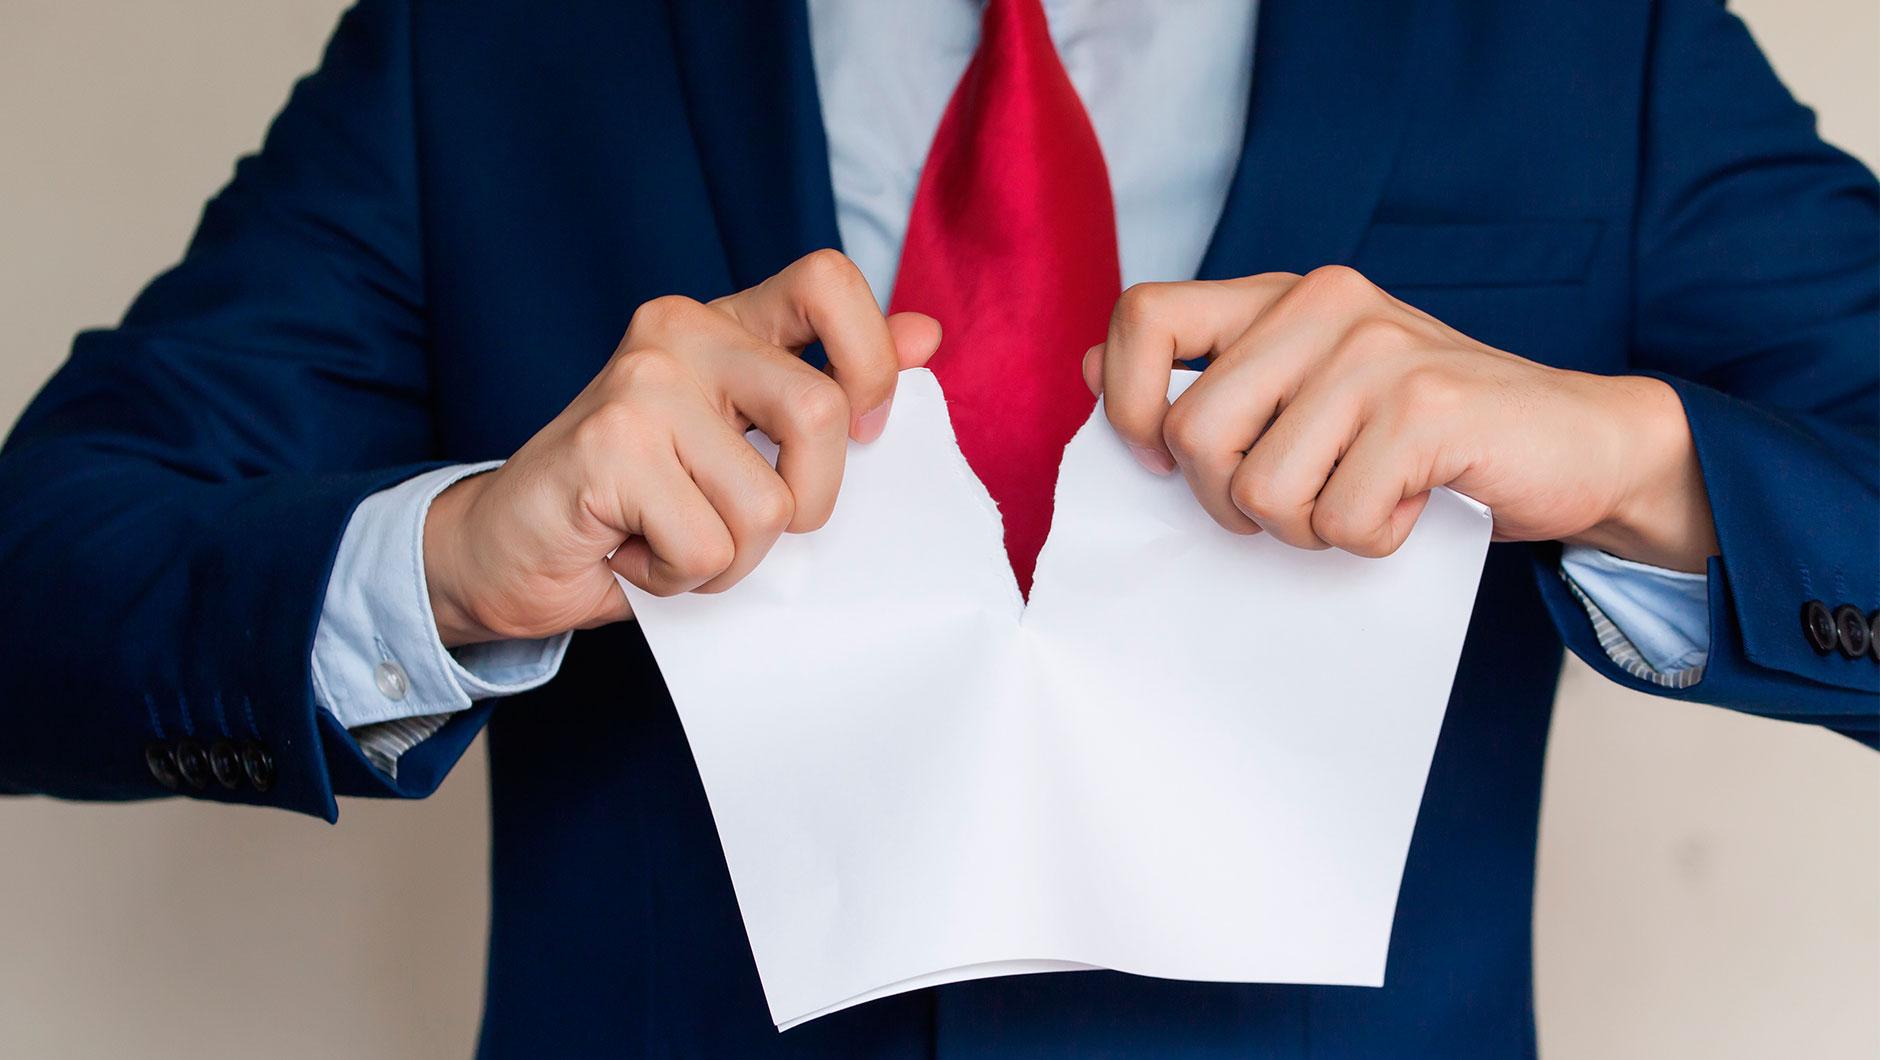 Трудовой контракт можно разорвать досрочно не только по требованию работника, но и по инициативе нанимателя или в связи с обстоятельствами, не зависящие от воли сторон